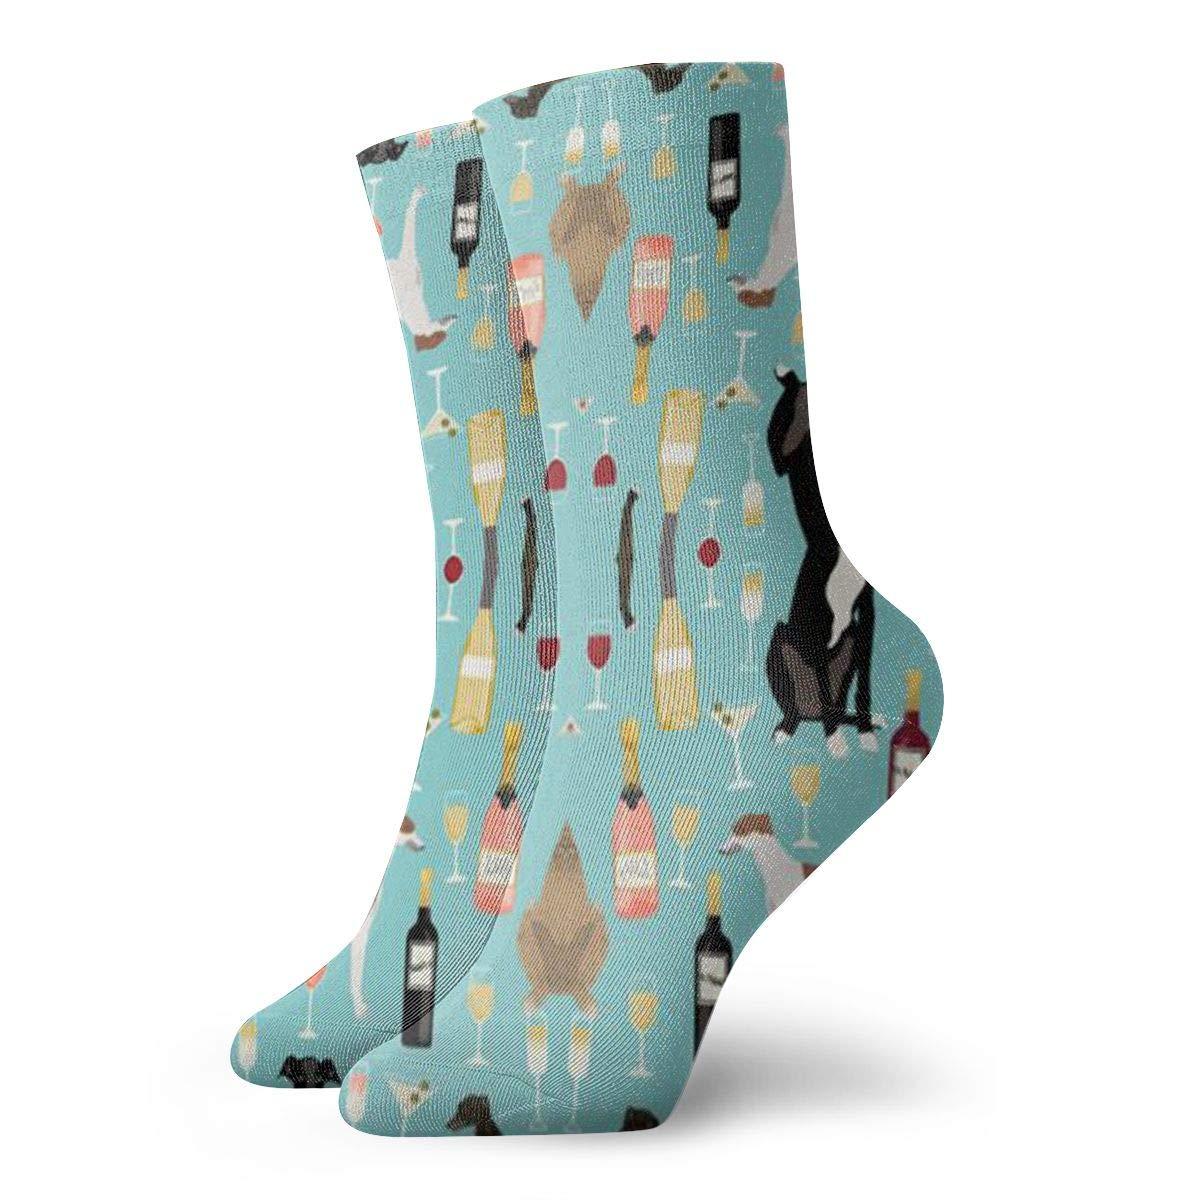 Jokerbilibili Greyhounds and Wine Unisex Print Athletic Quarter//Ankle Running Hiking Socks-Weekend Lounge Short Crew Socks